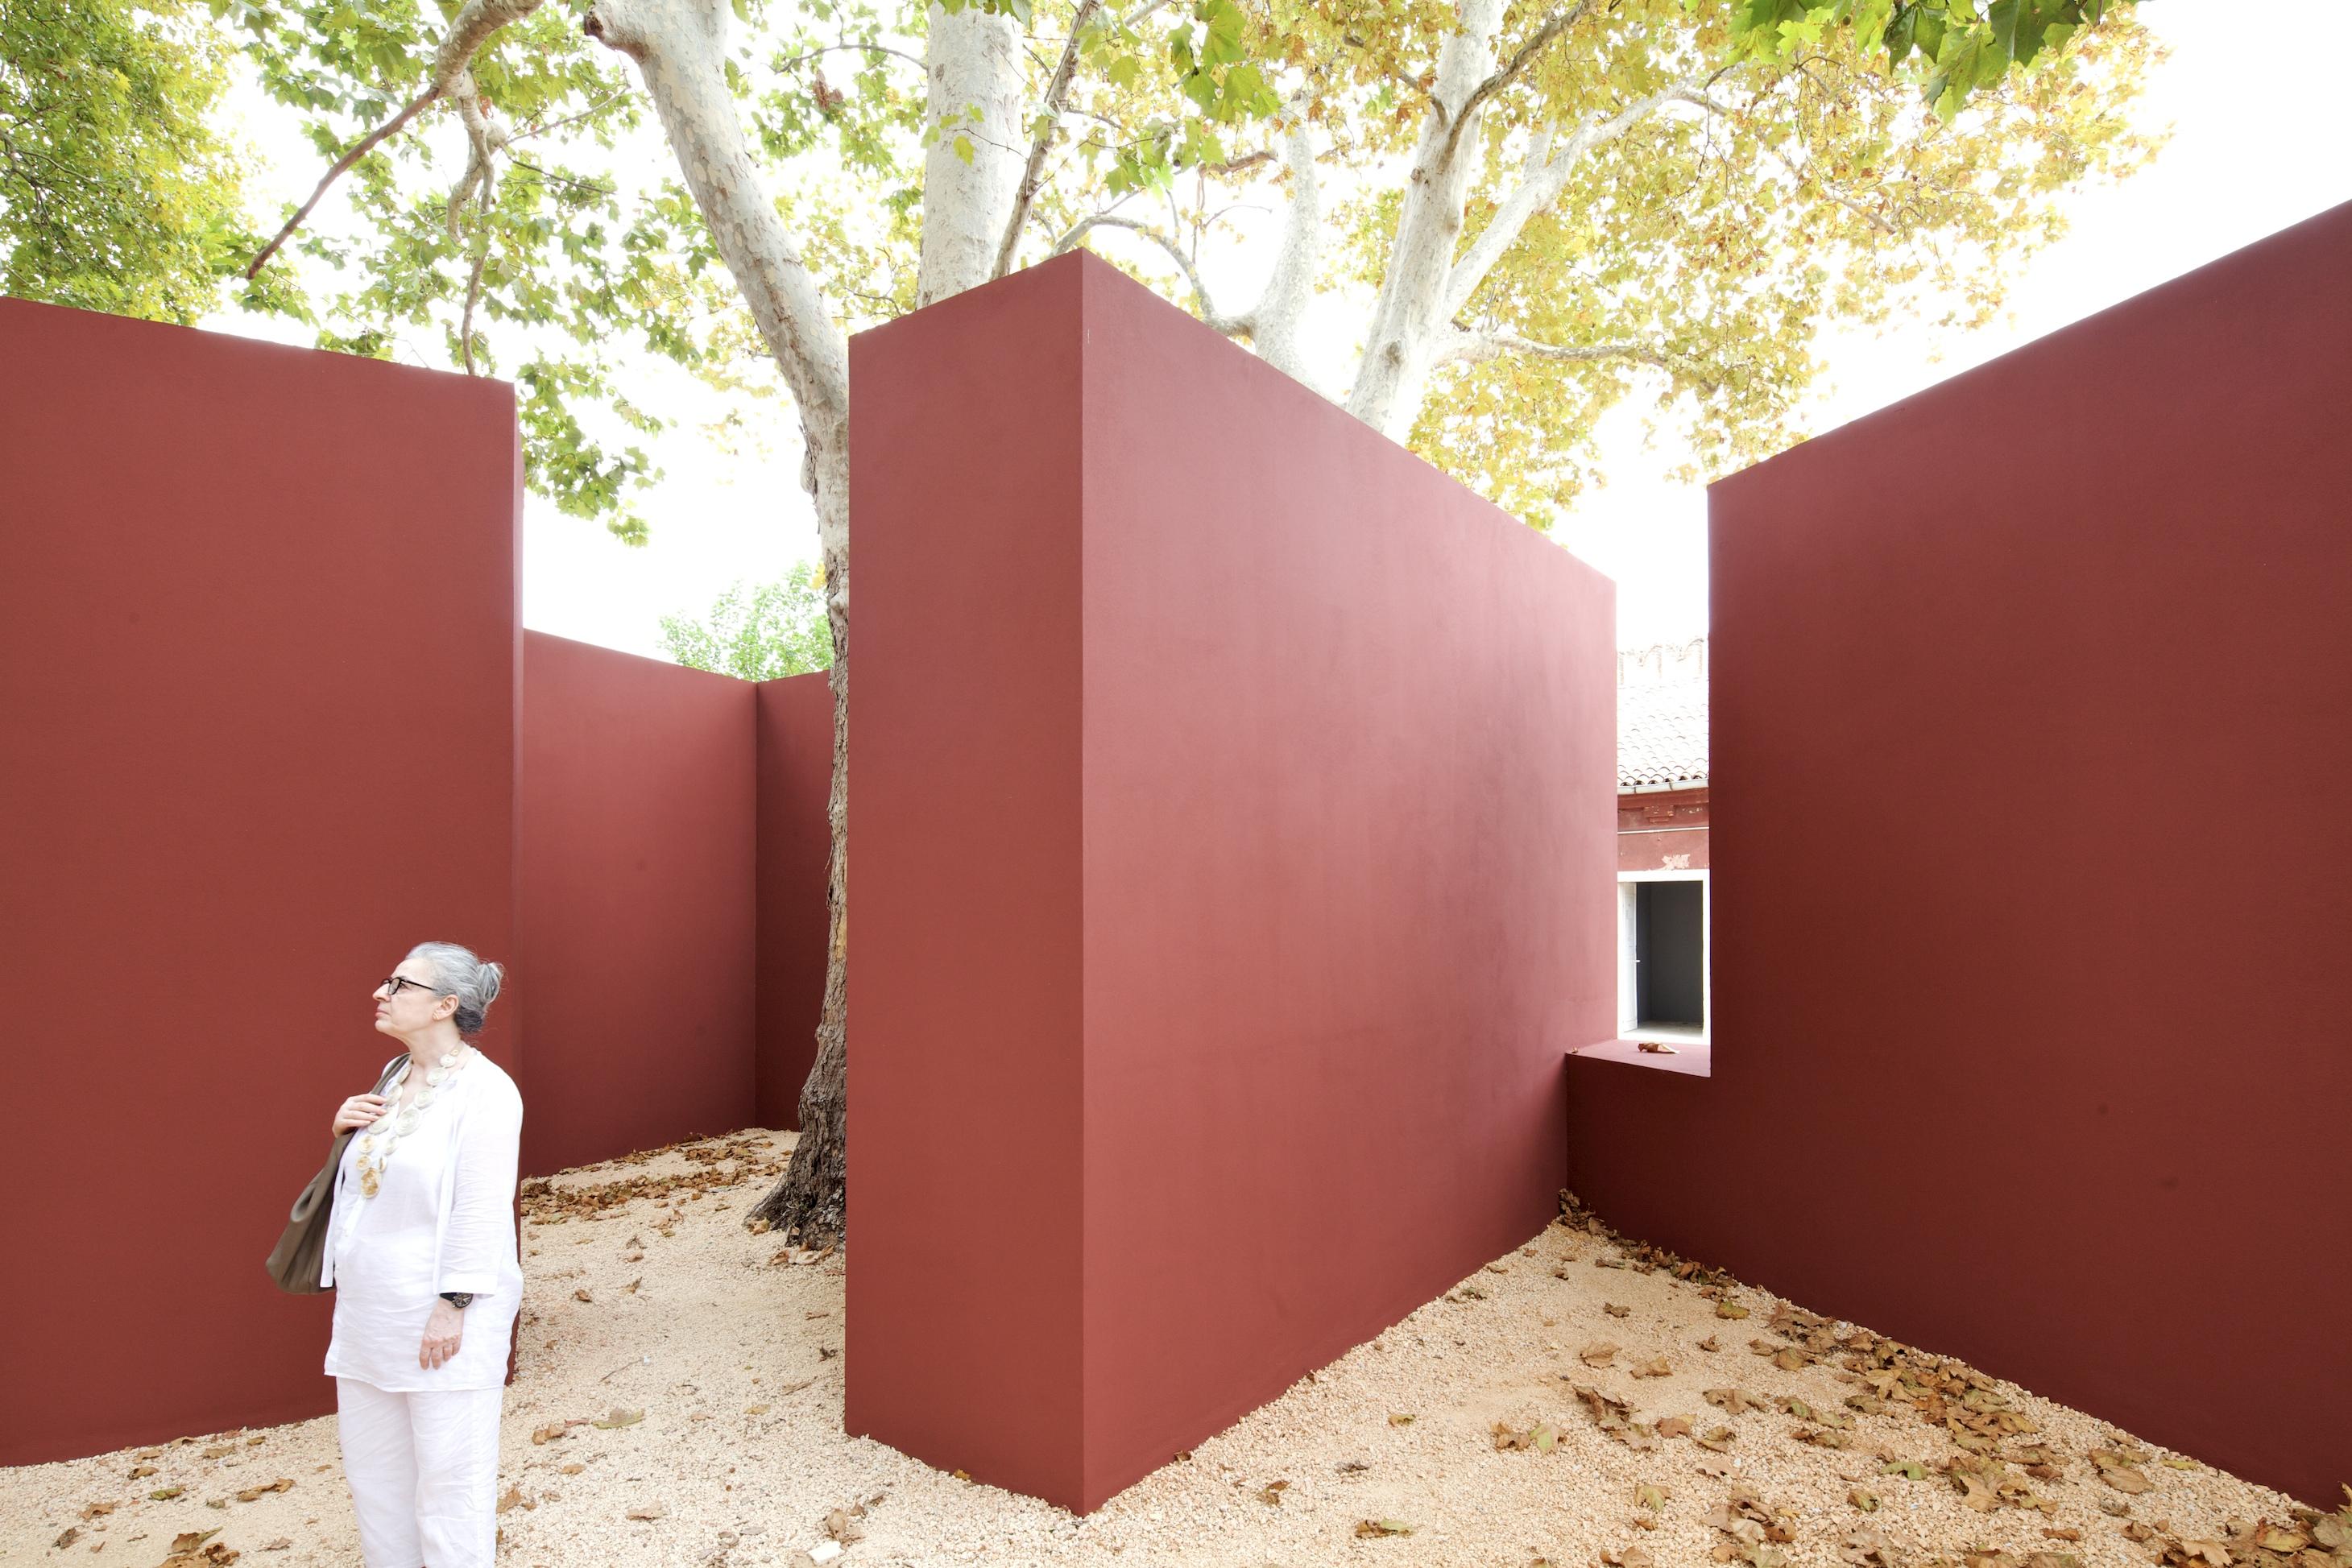 Bienal de Veneza 2012: Álvaro Siza, © Nico Saieh